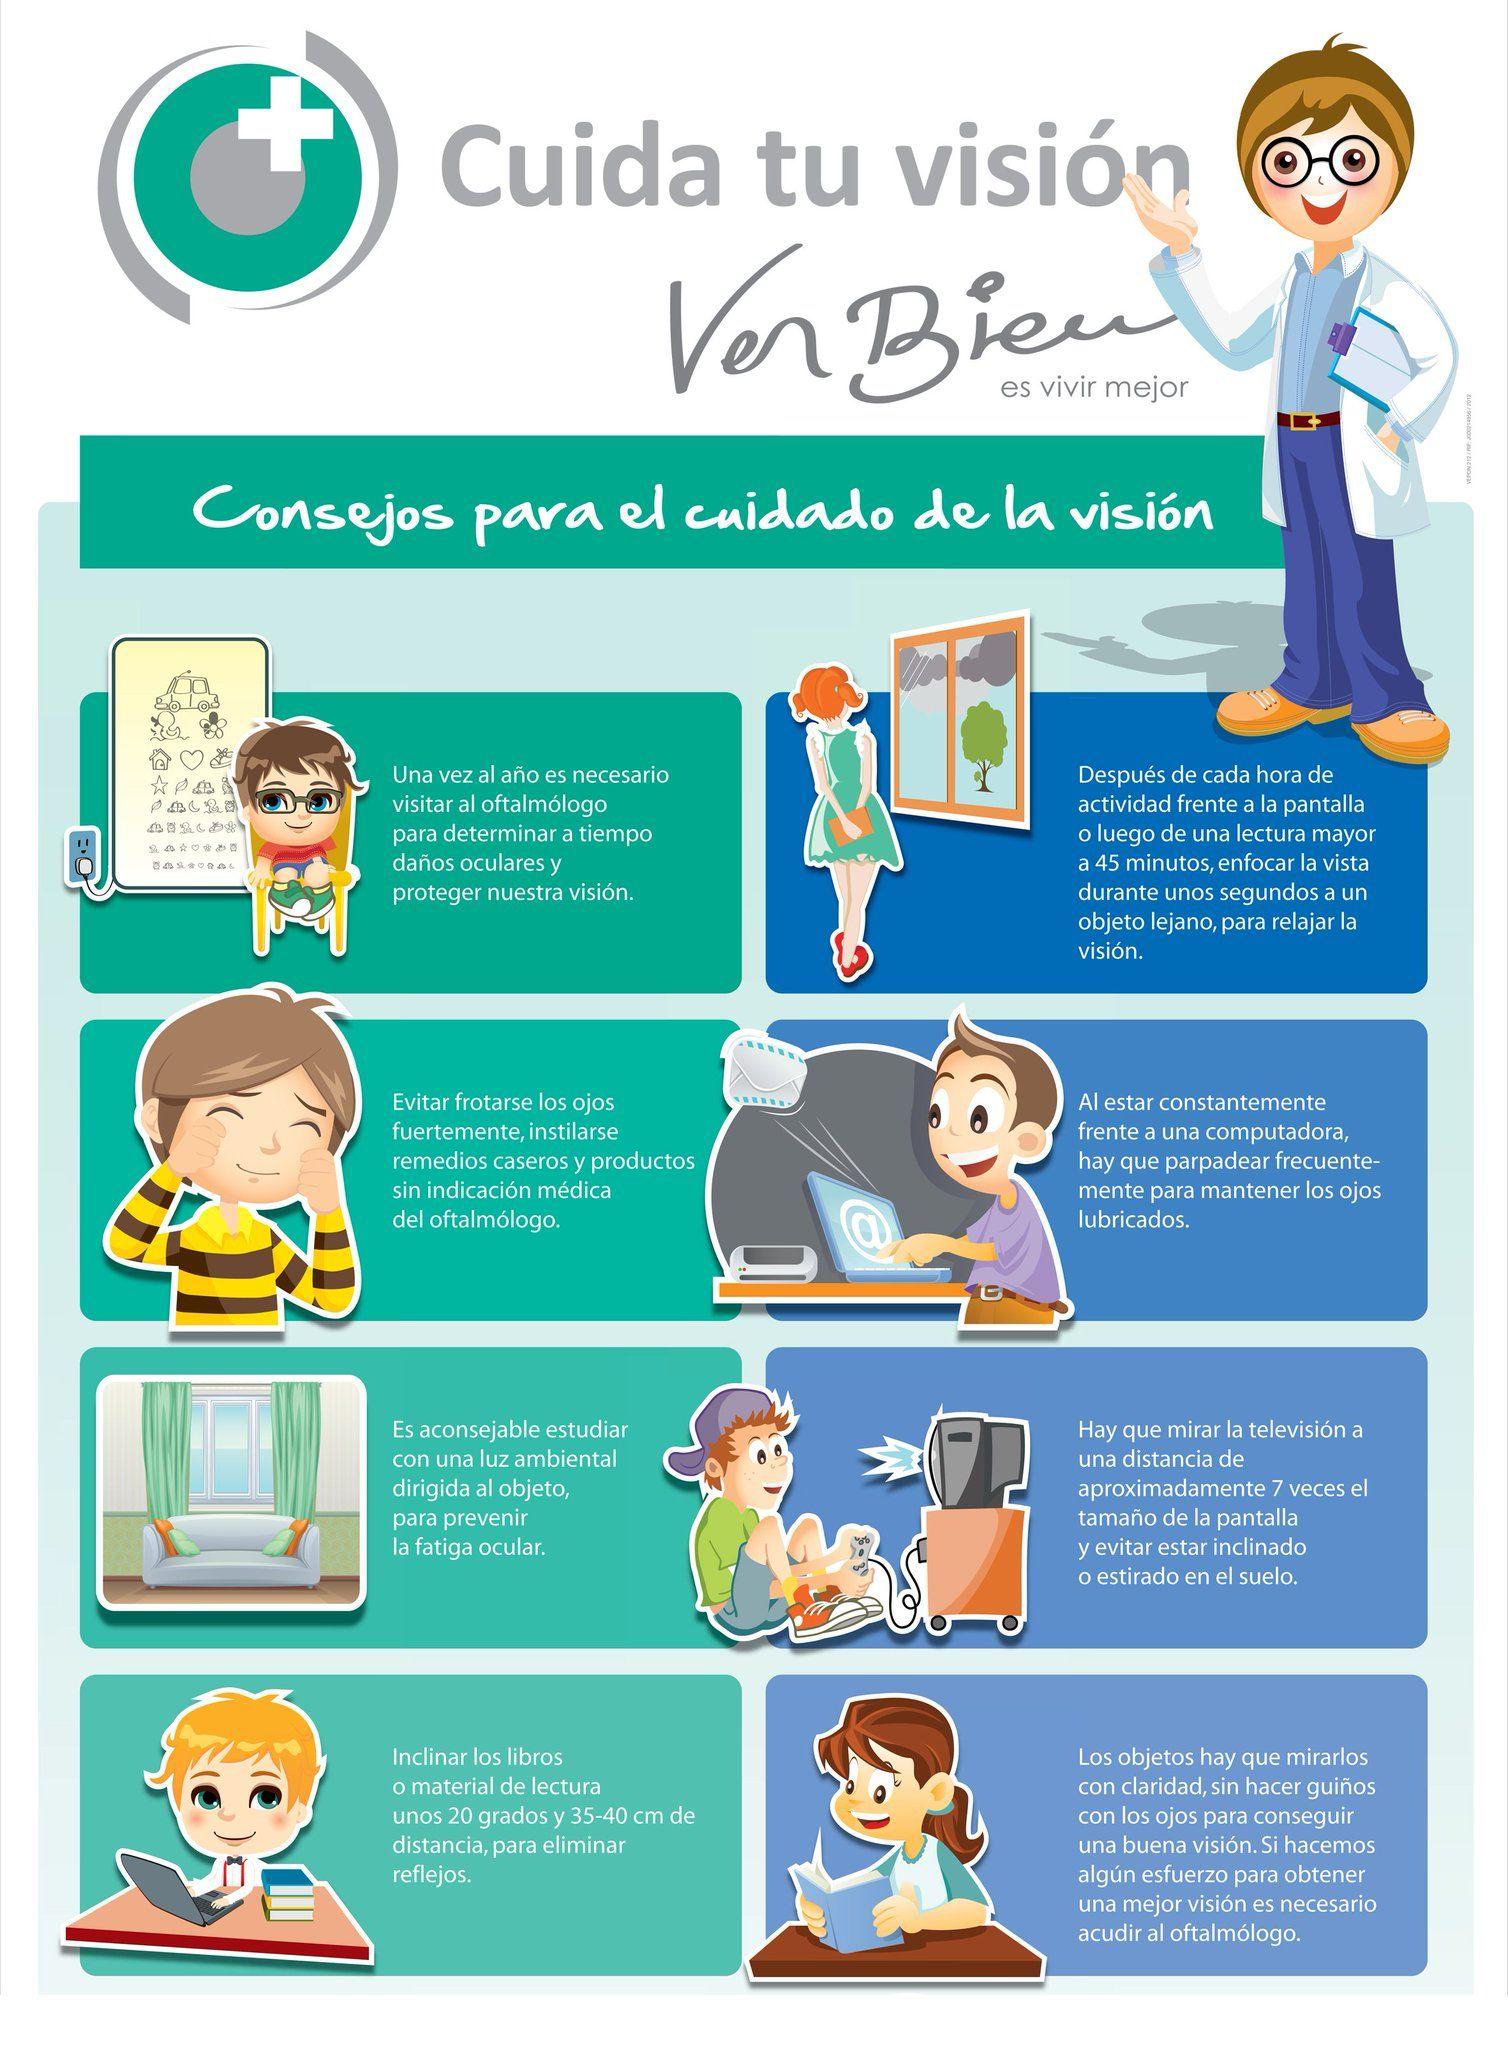 a91a29a84b #Infografía: 8 consejos para el cuidado de la visión en los niños  #OjosSanos #VisiónSana #Niños